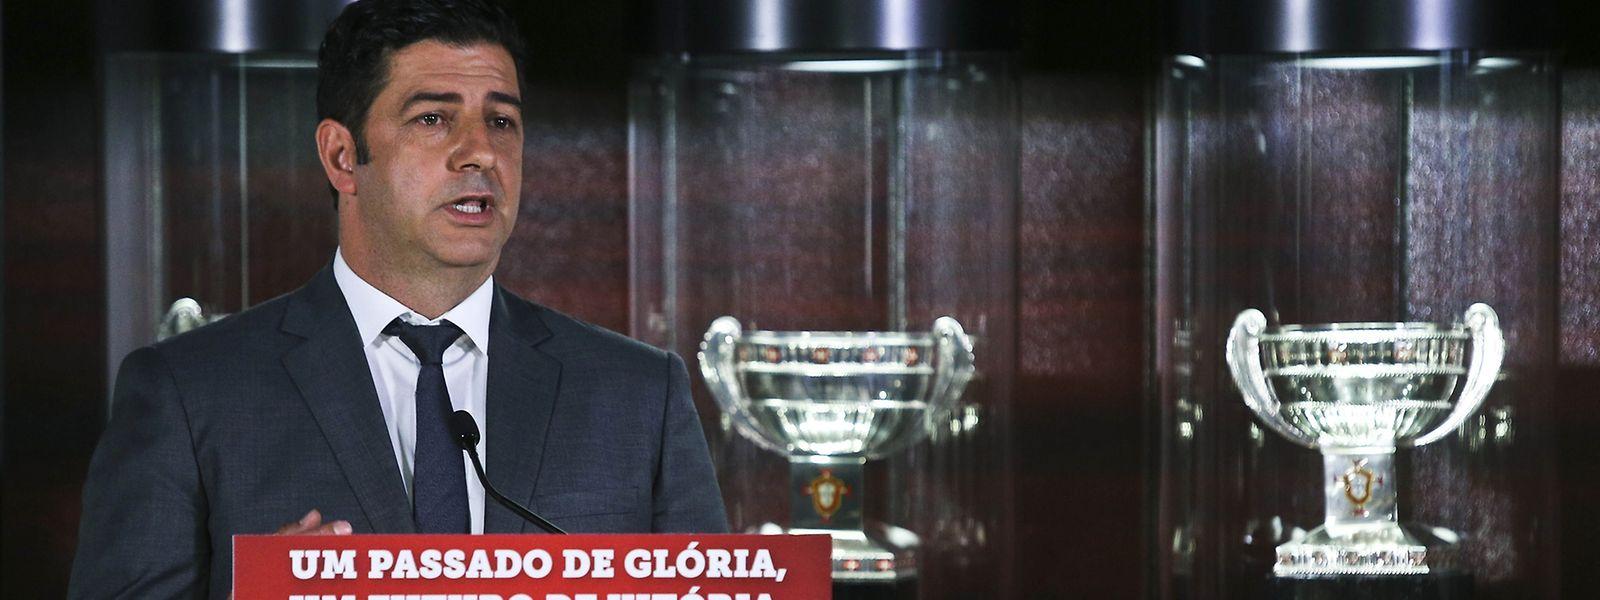 O novo treinador do Benfica quer continuar na senda das vitórias